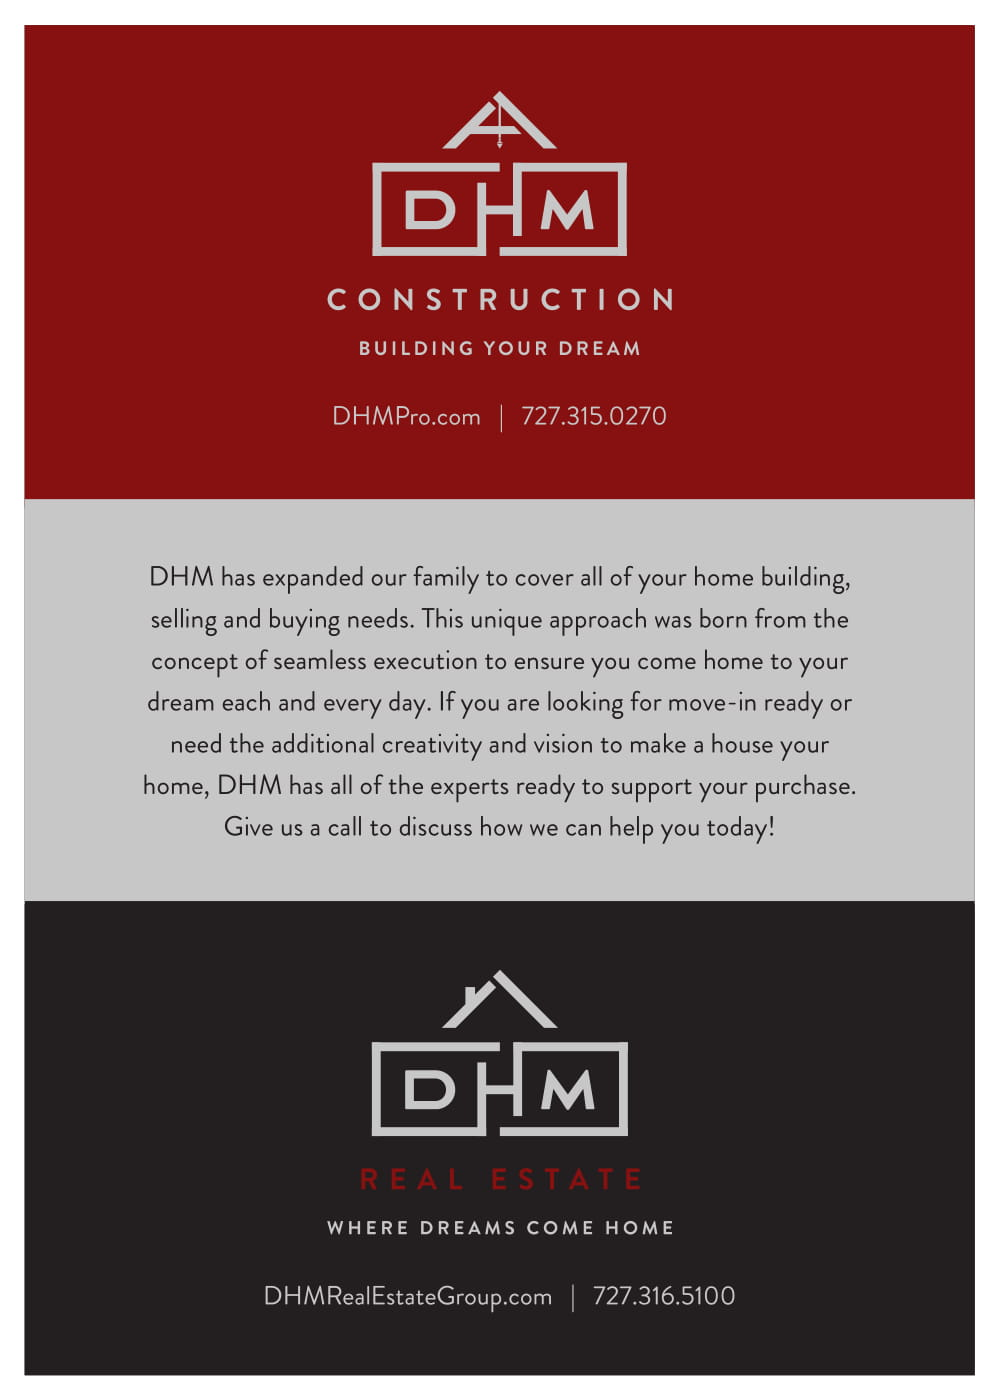 DHM-Heels2heal-03-1.jpg